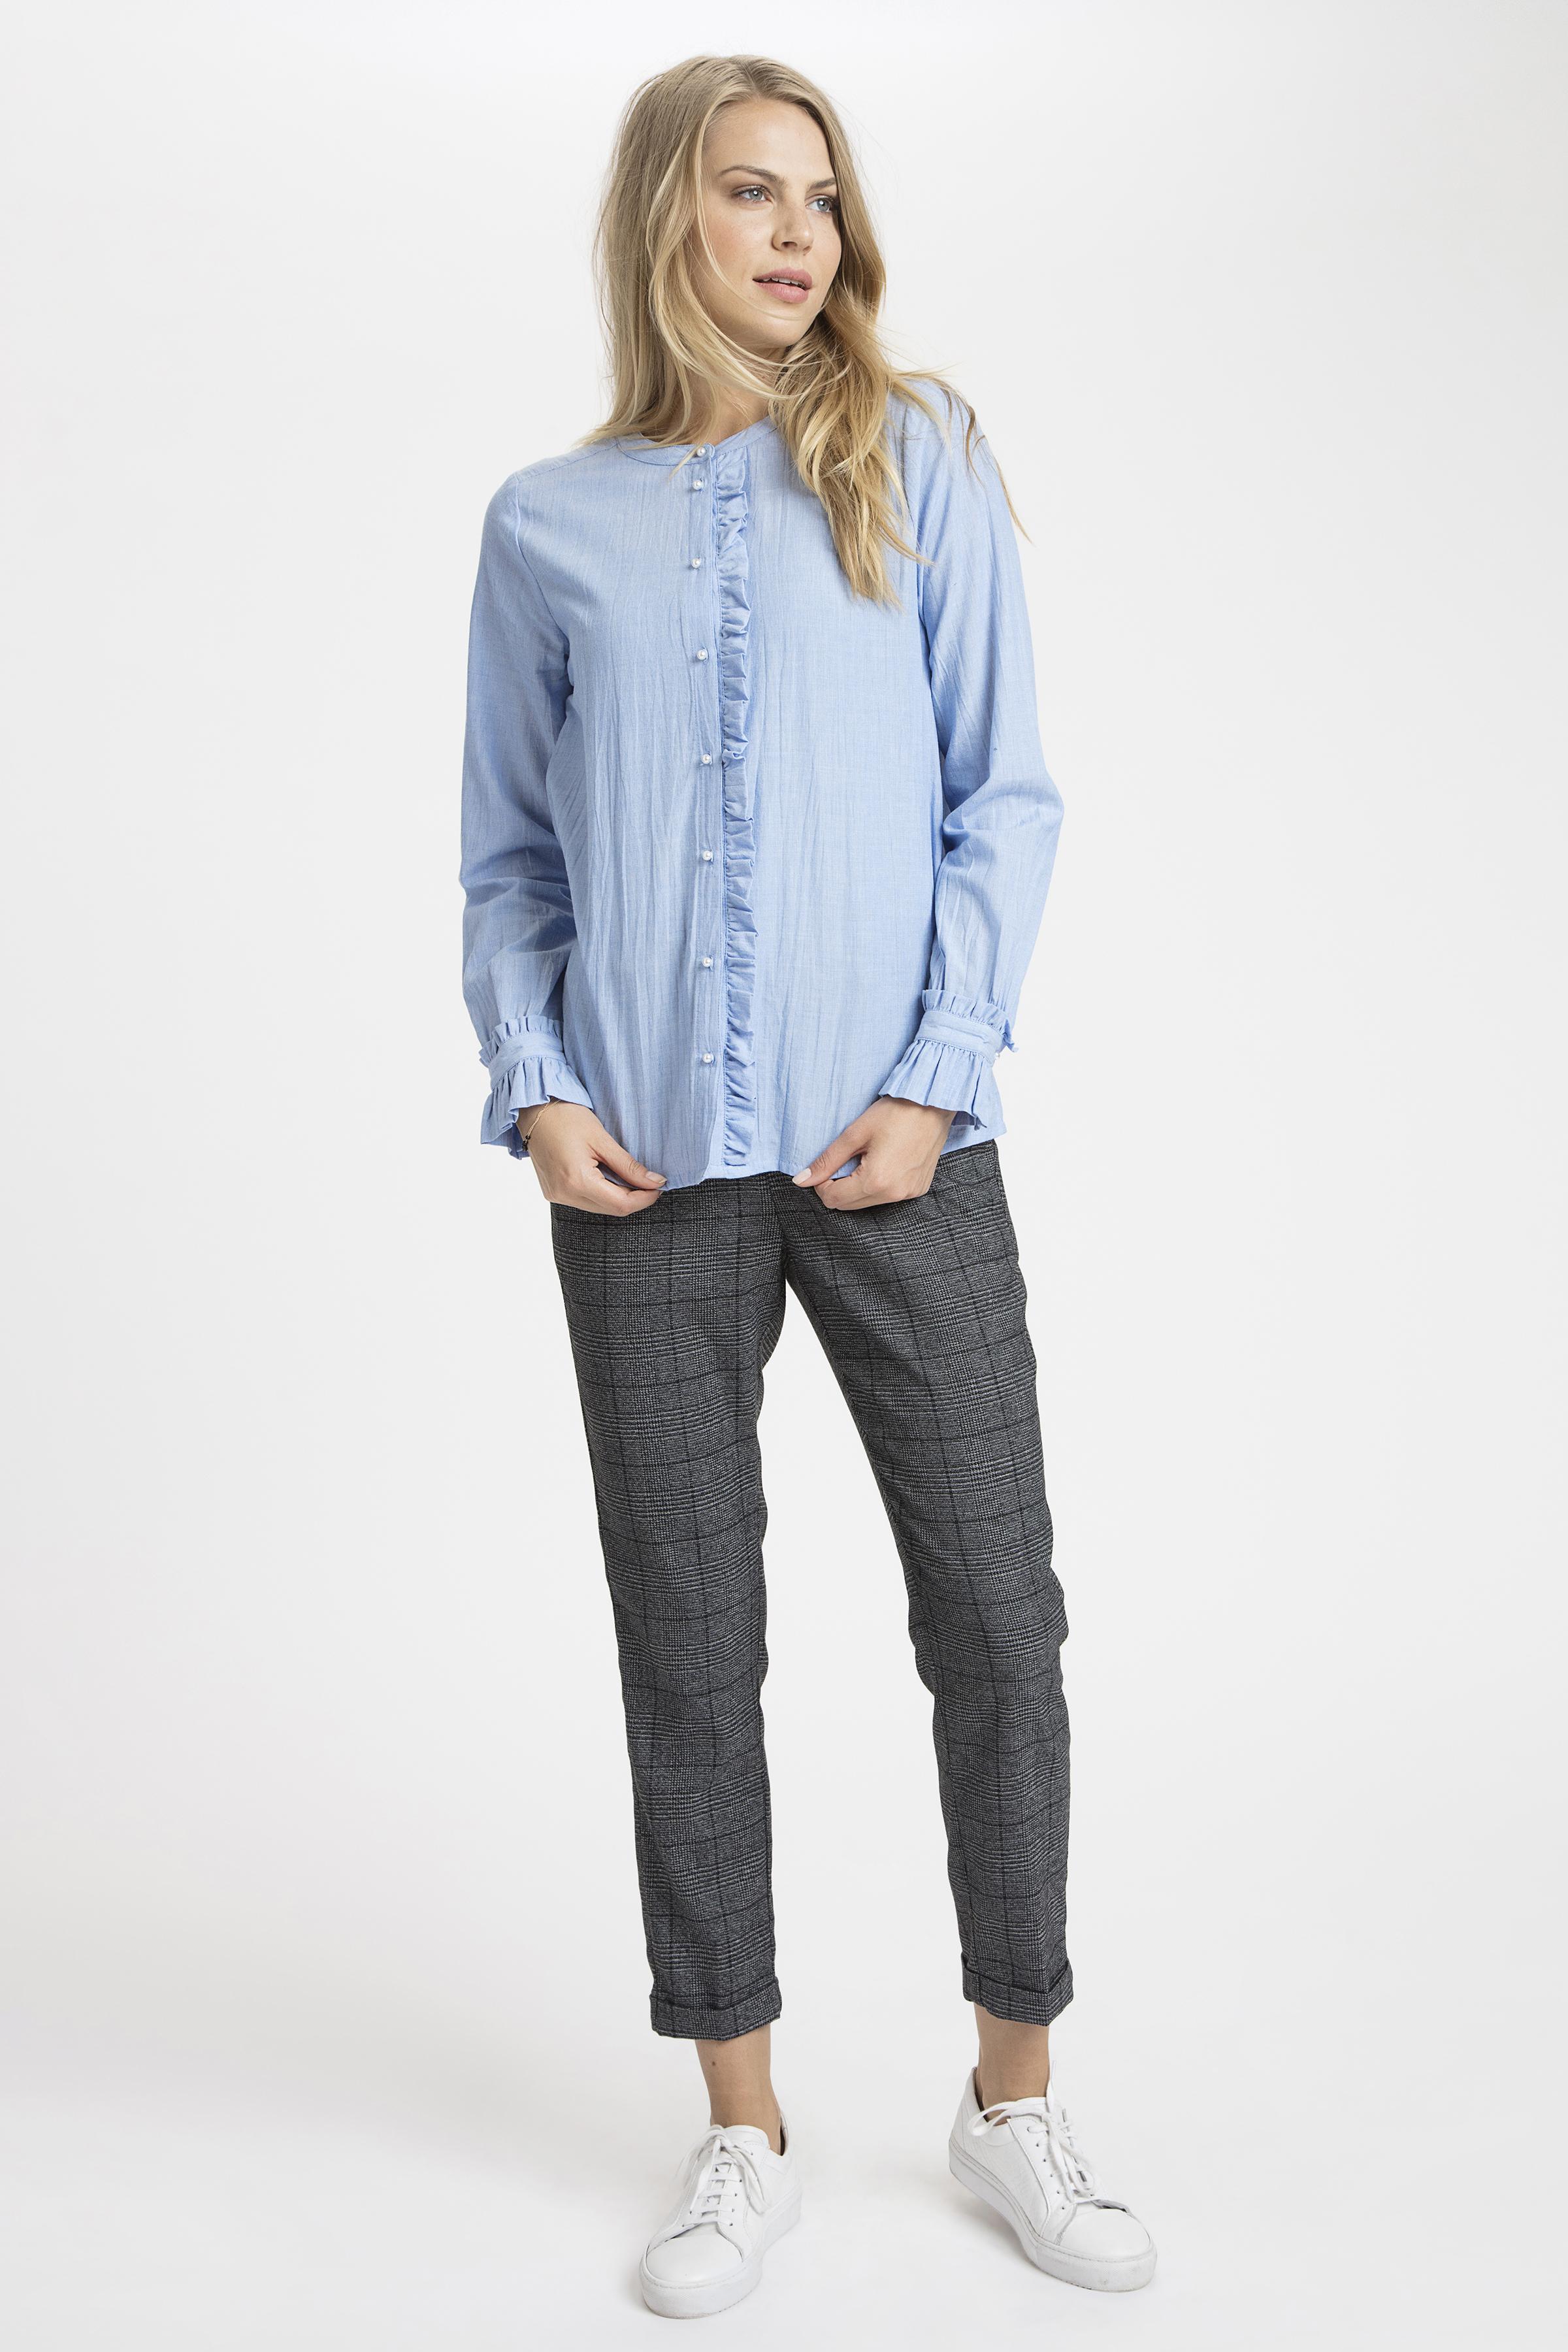 Ljusblå Långärmad skjorta från Kaffe – Köp Ljusblå Långärmad skjorta från stl. 34-46 här